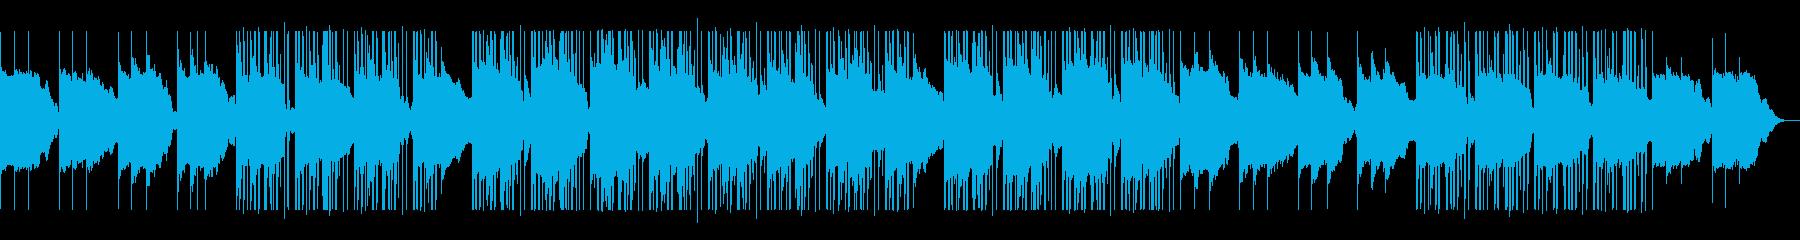 Lofi Hiphop ドリームの再生済みの波形